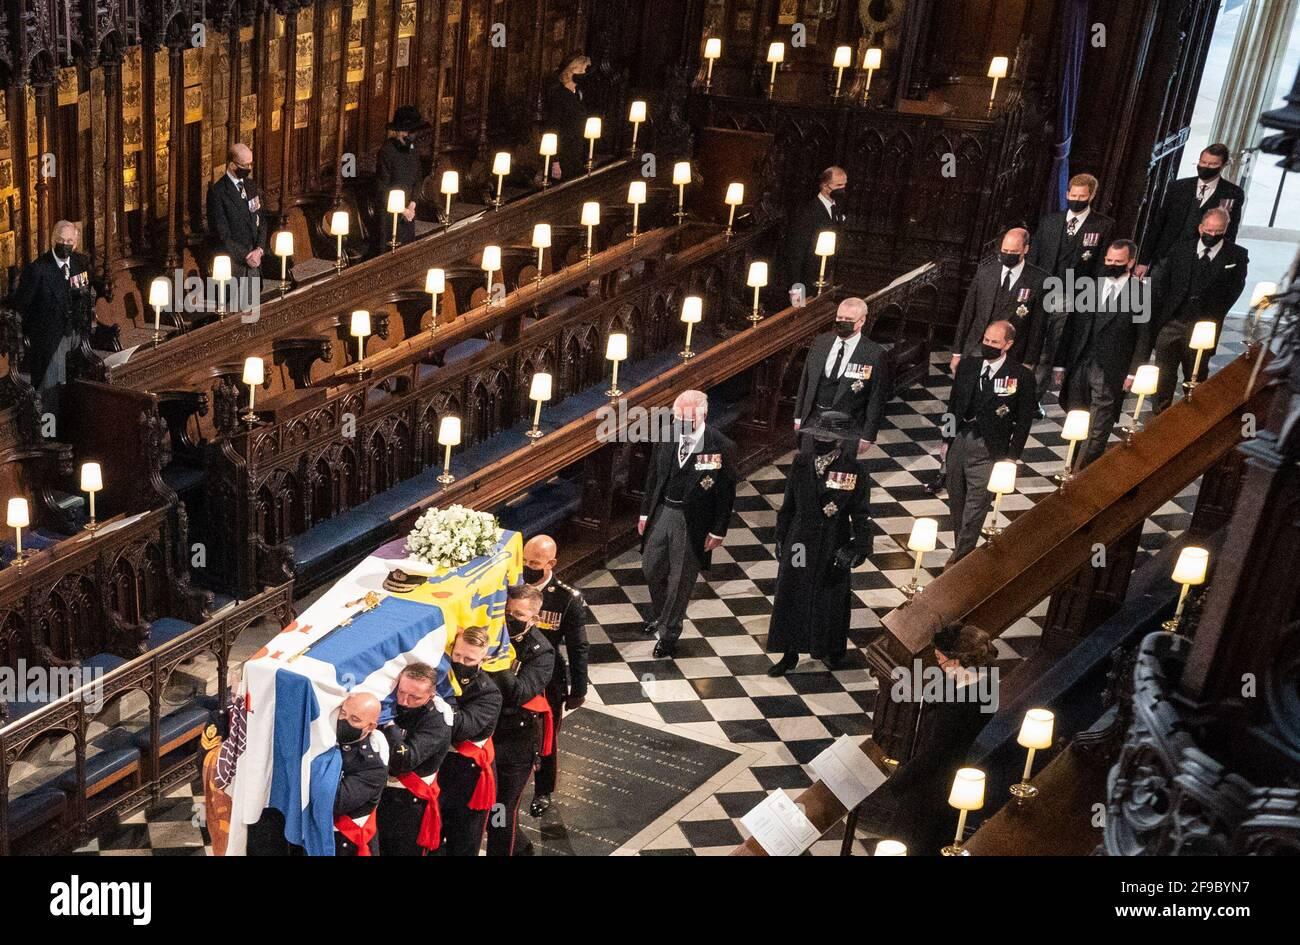 Les pallbearers portent le cercueil du duc d'Édimbourg lors de ses funérailles à la chapelle Saint-Georges, au château de Windsor, dans le Berkshire. Date de la photo: Samedi 17 avril 2021. Banque D'Images